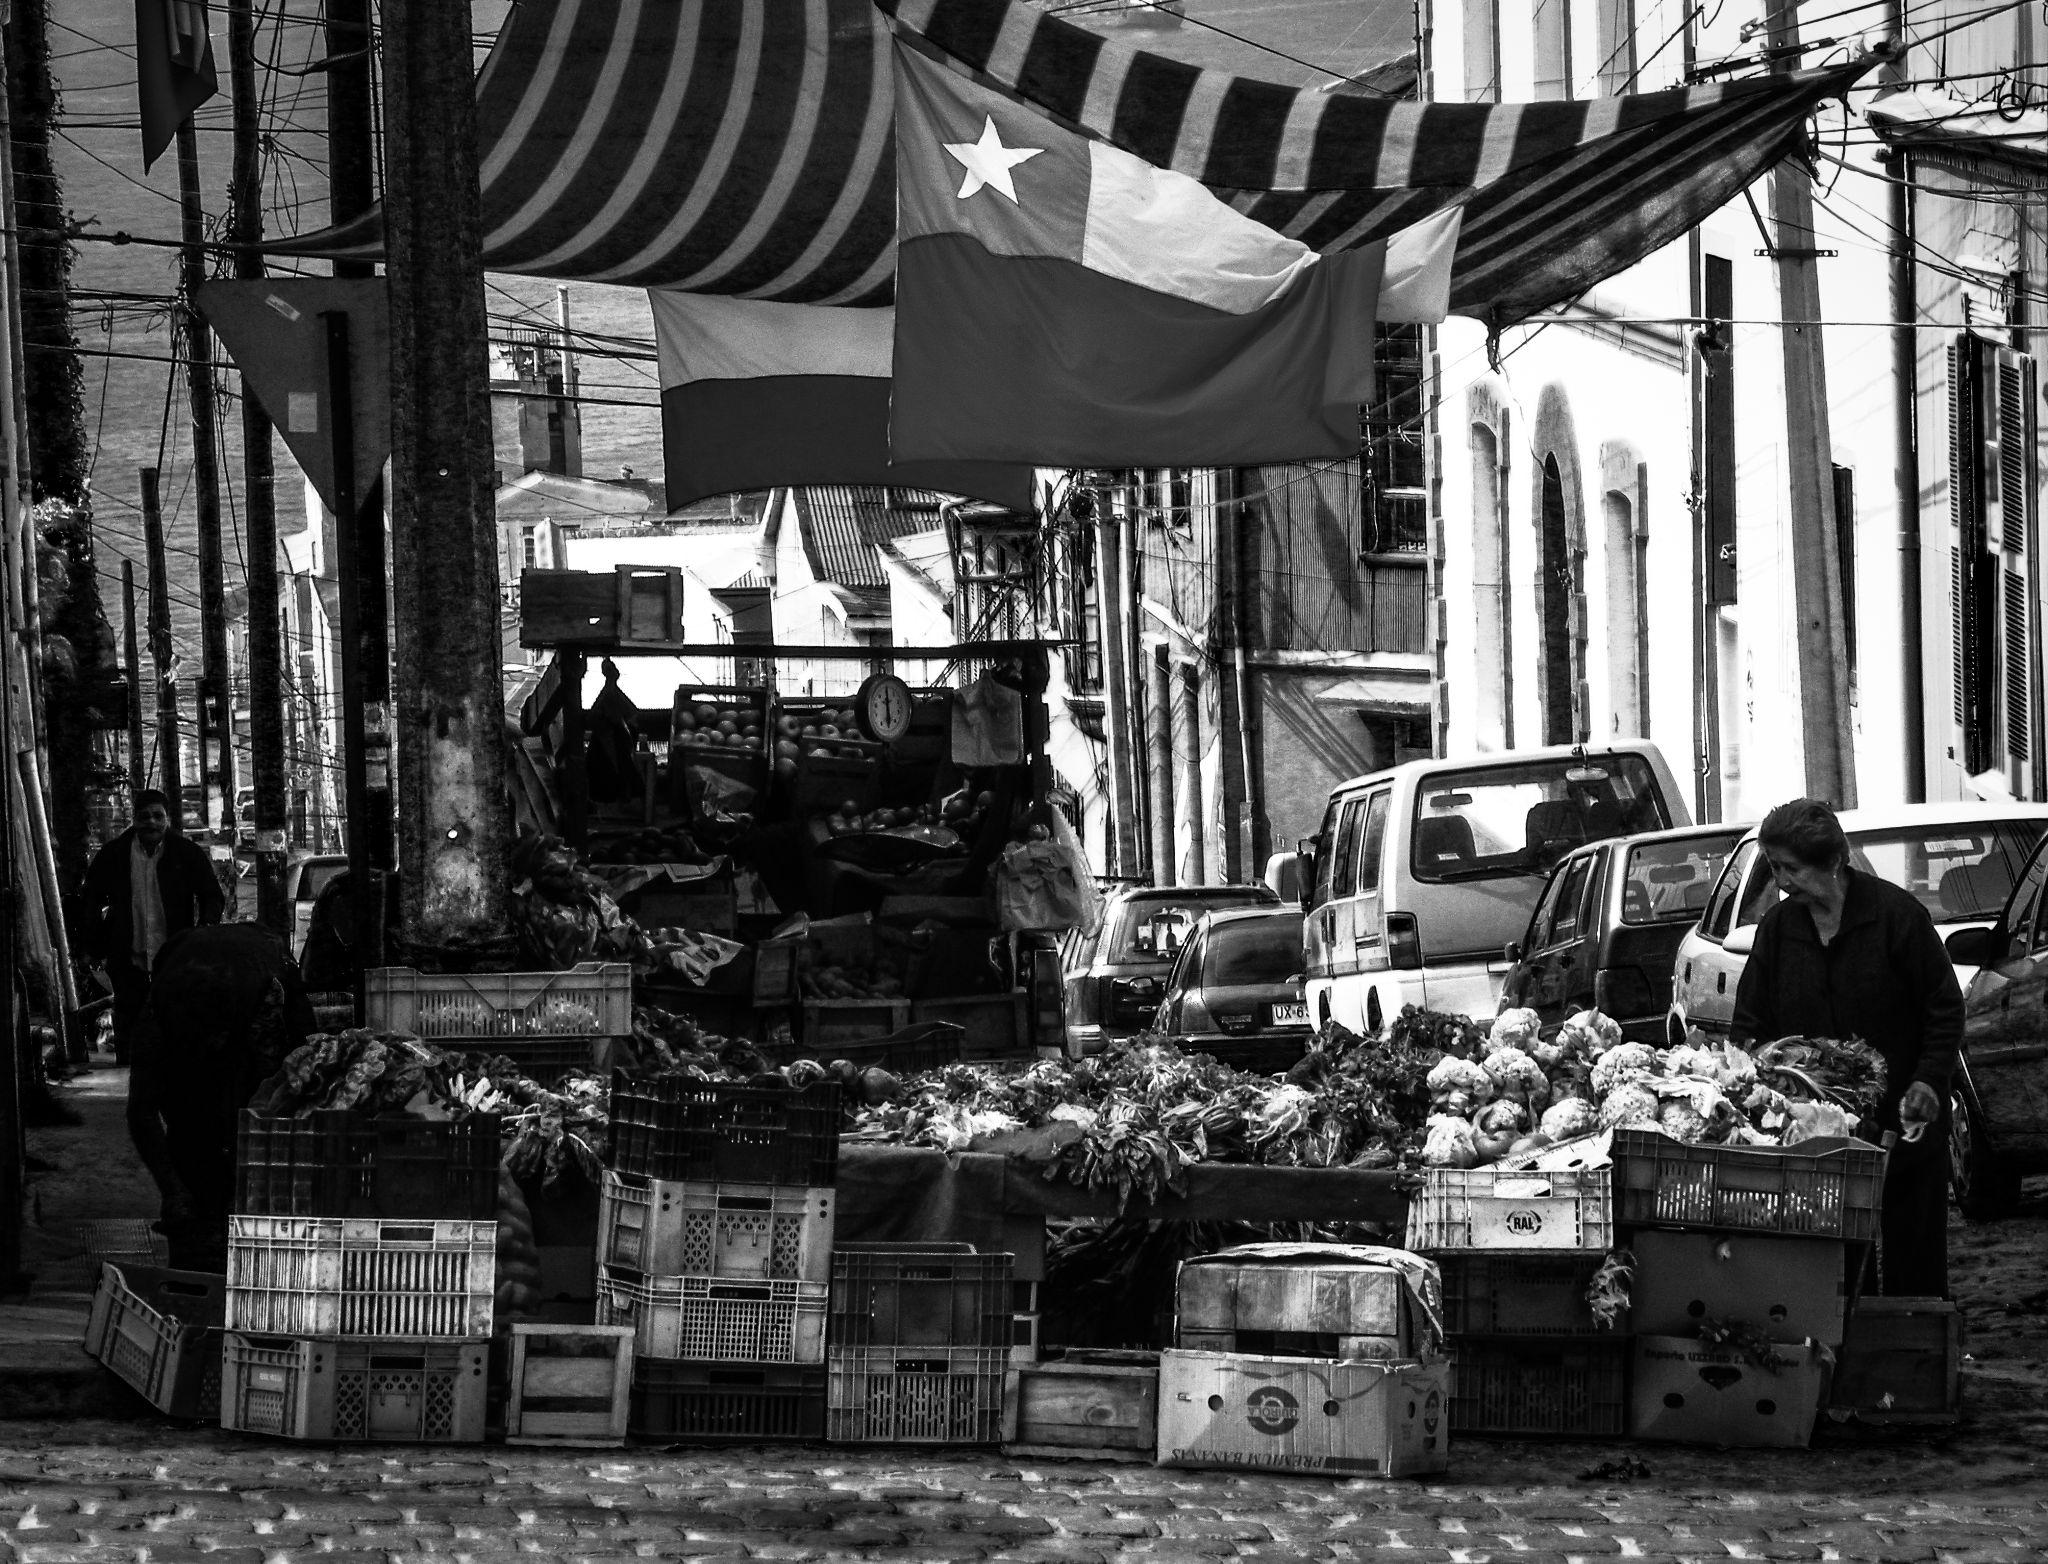 Feria by By3nz